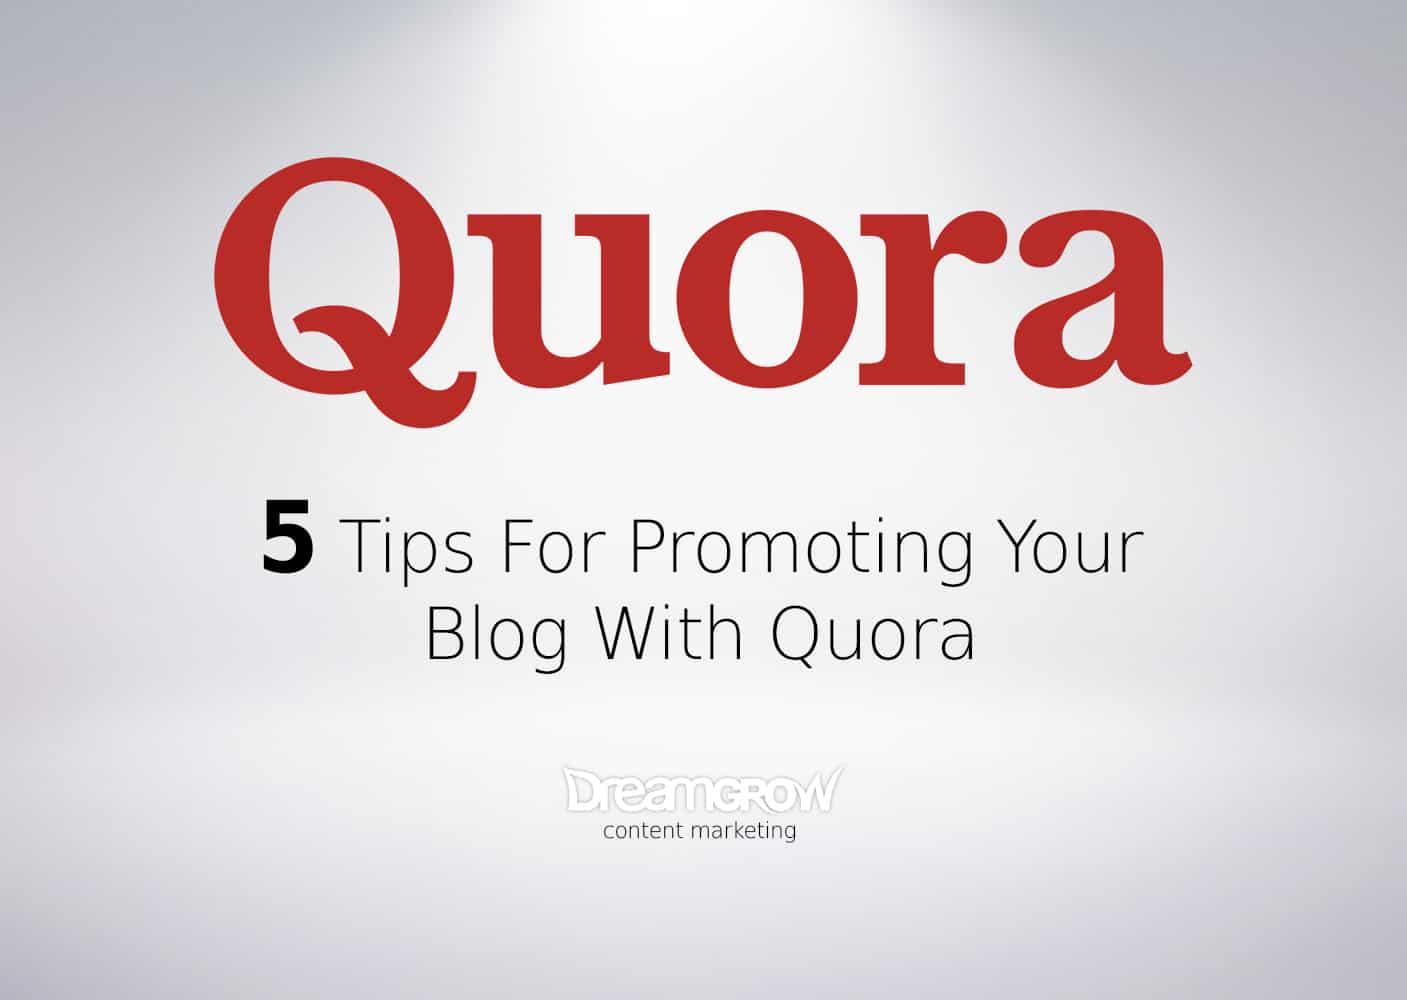 quora content marketing